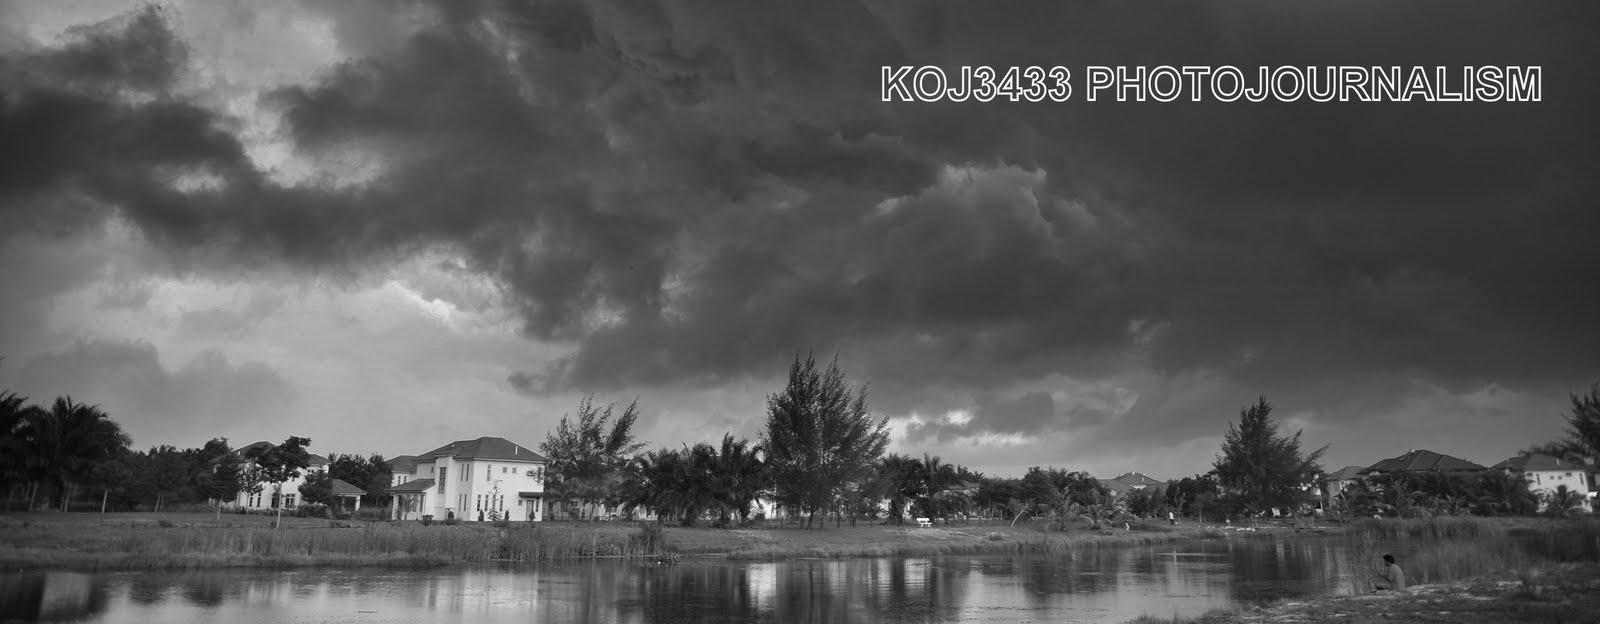 KOJ3433 PHOTOJOURNALISM